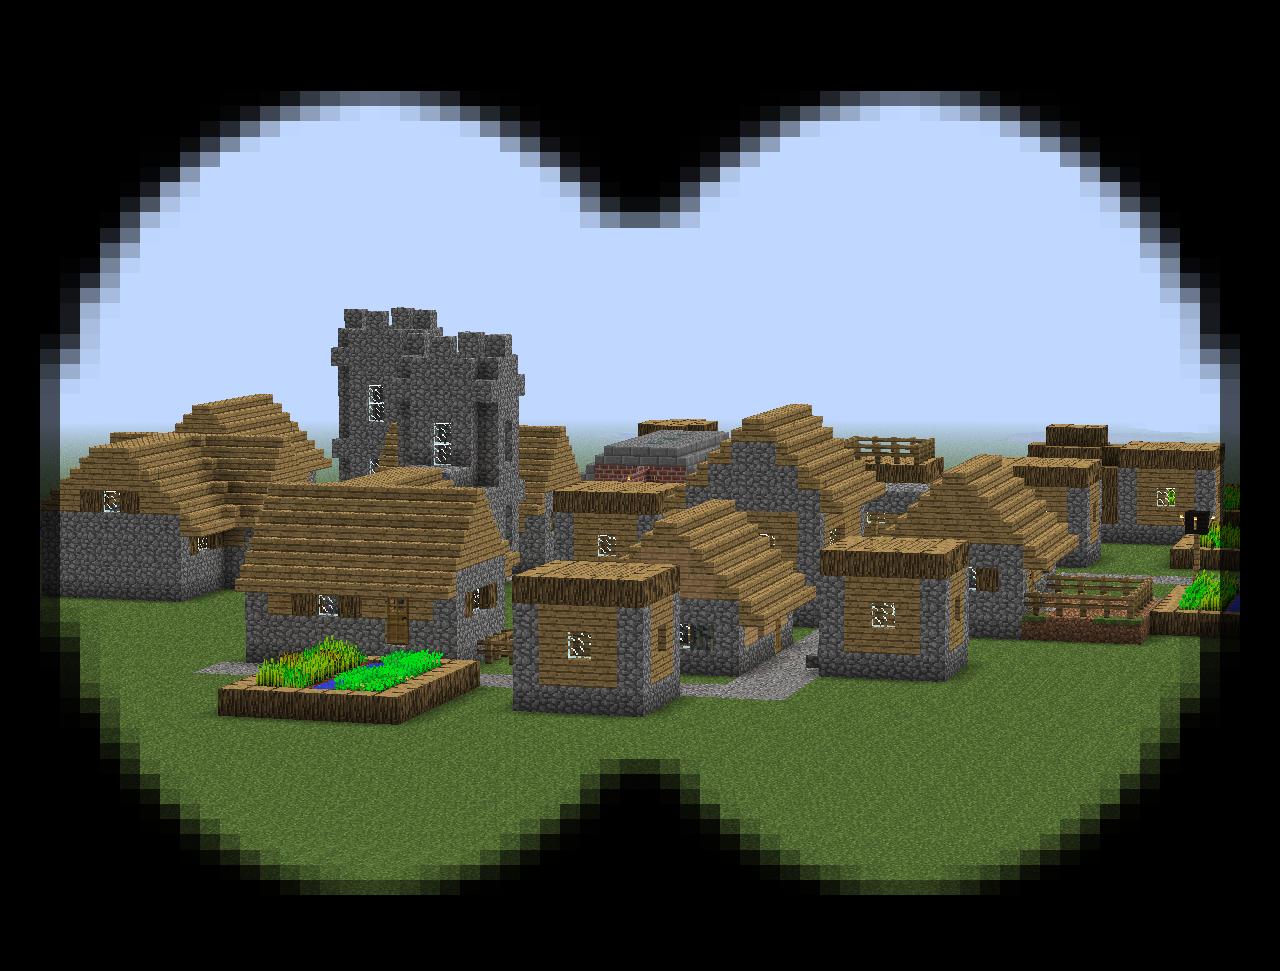 Мод на бинокль для Minecraft